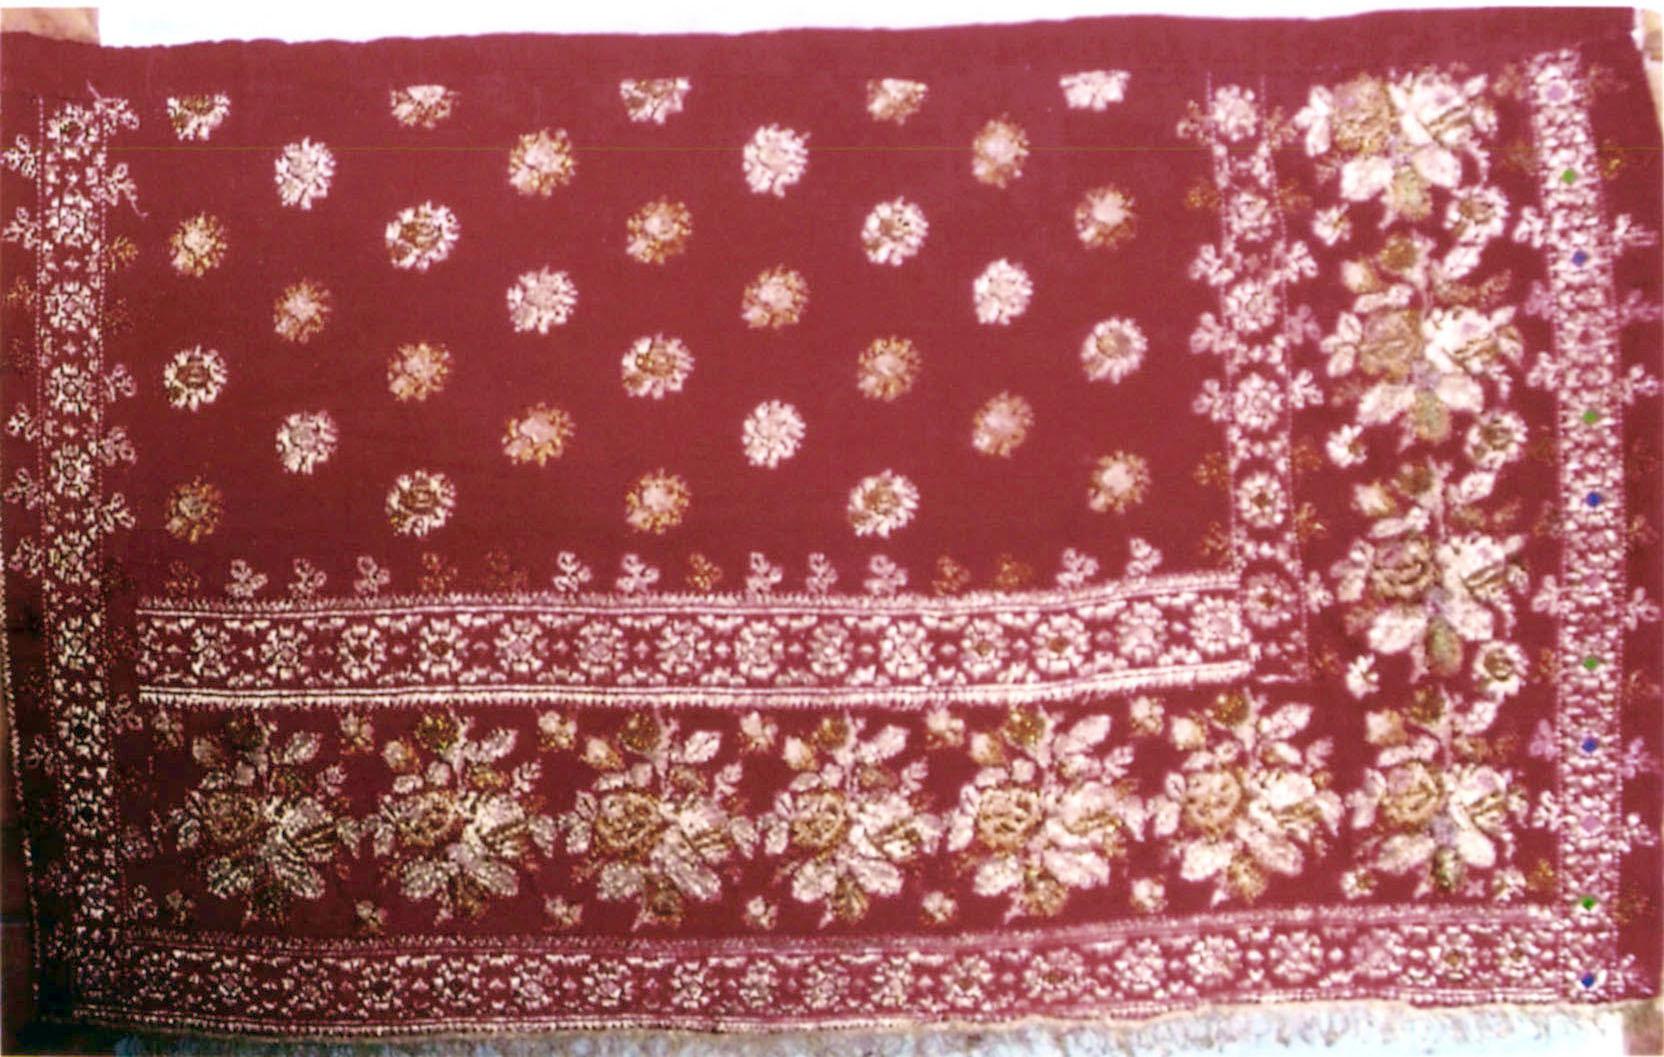 FotăFotă roşie aleasă cu fir - Muzeul Viticulturii şi Pomiculturii - GOLEŞTI (Patrimoniul Cultural National Mobil din Romania. Ordin de clasare: 2879/04.09.2019 - Tezaur)